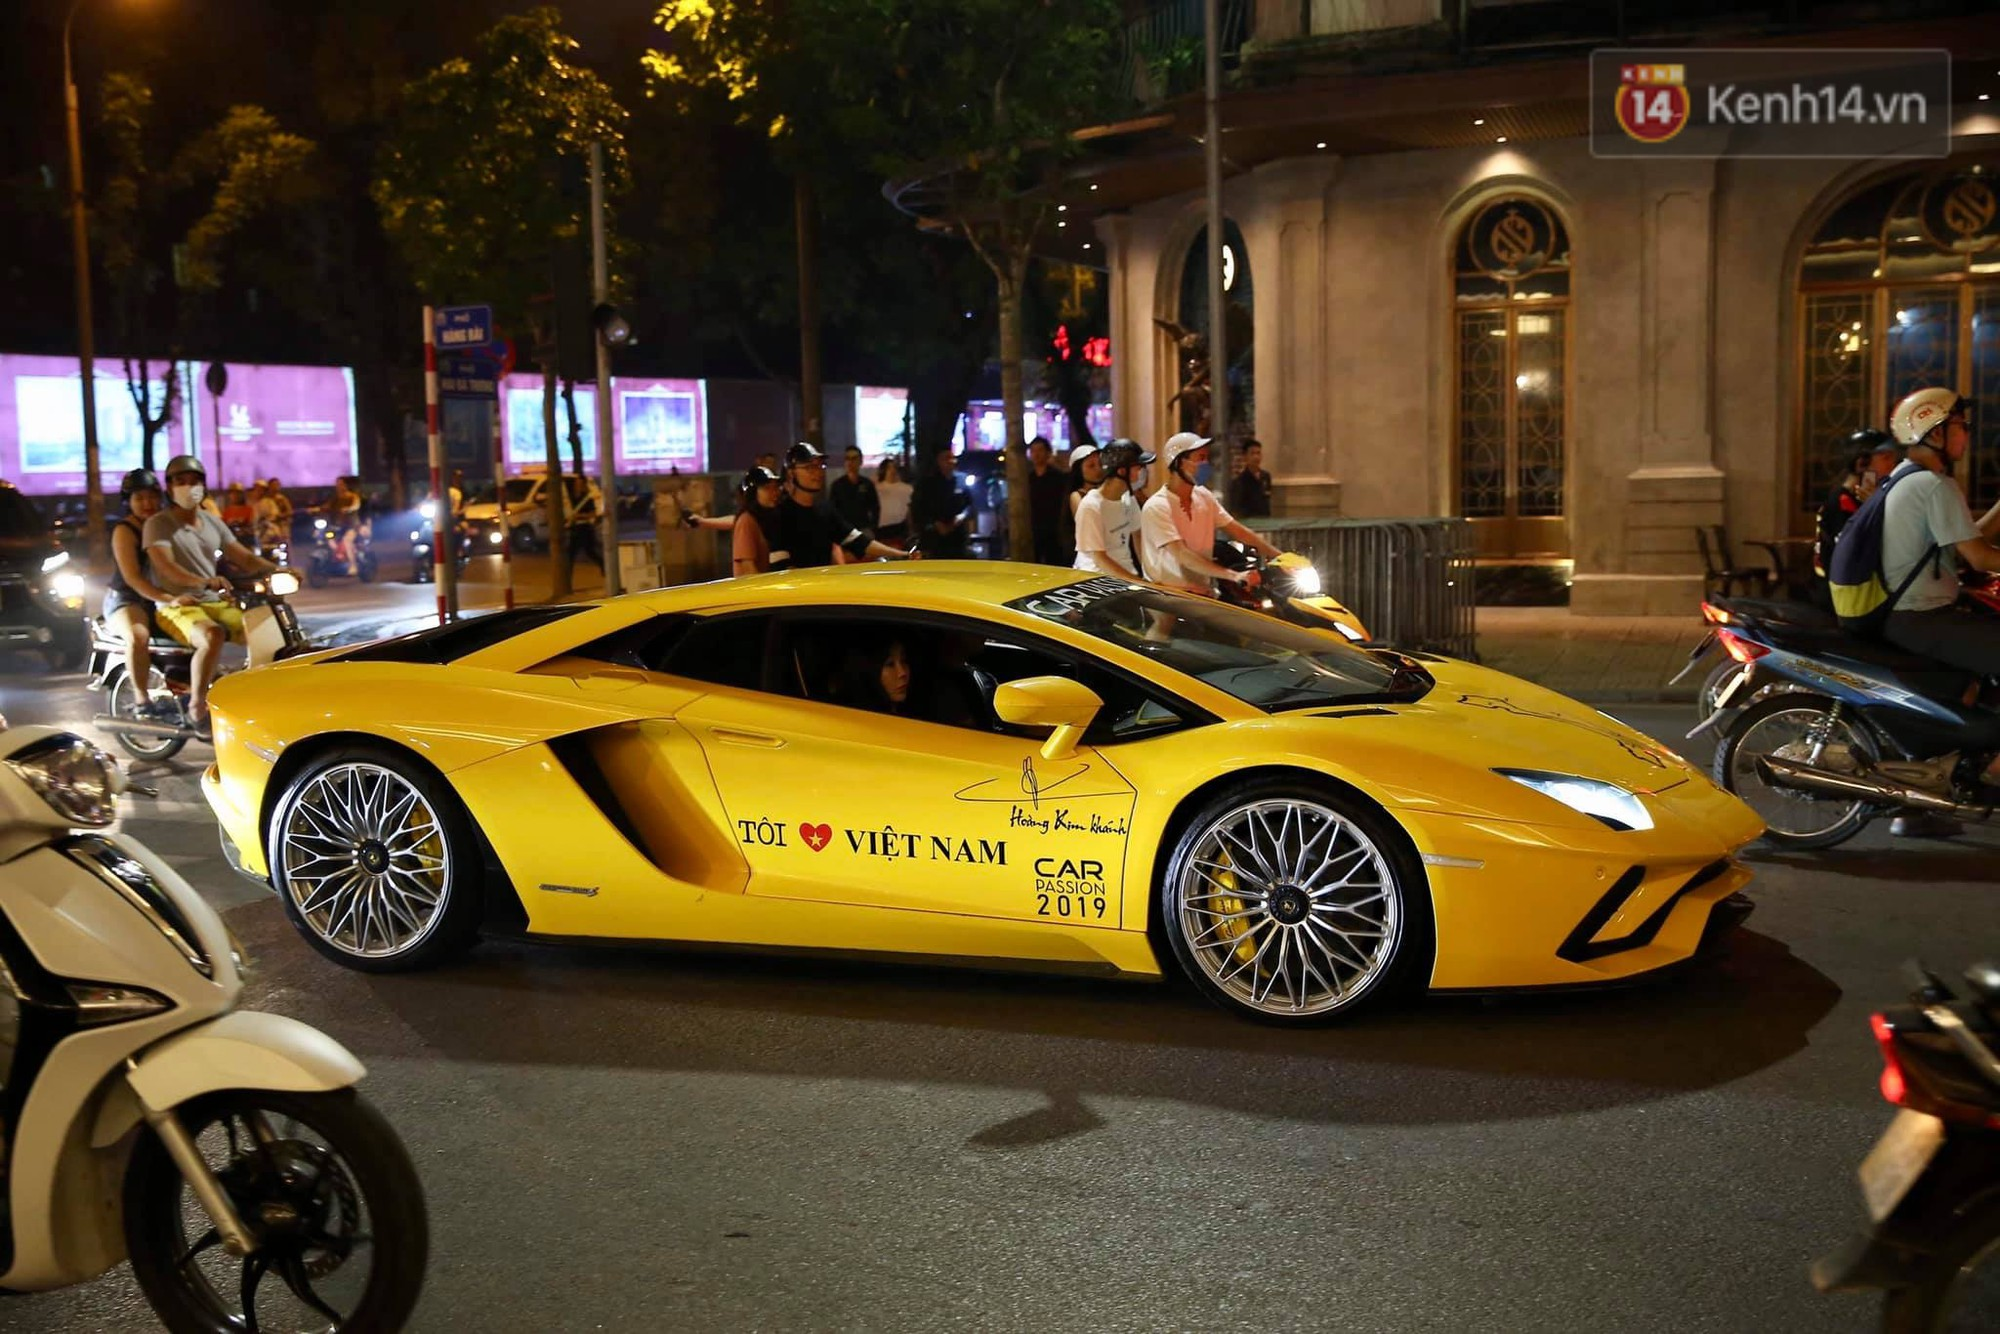 Dàn siêu xe hơn 300 tỷ rầm rộ tụ họp trên đường phố Hà Nội, Cường Đô La và vợ cũng xuất hiện với chiếc Audi R8V10-11